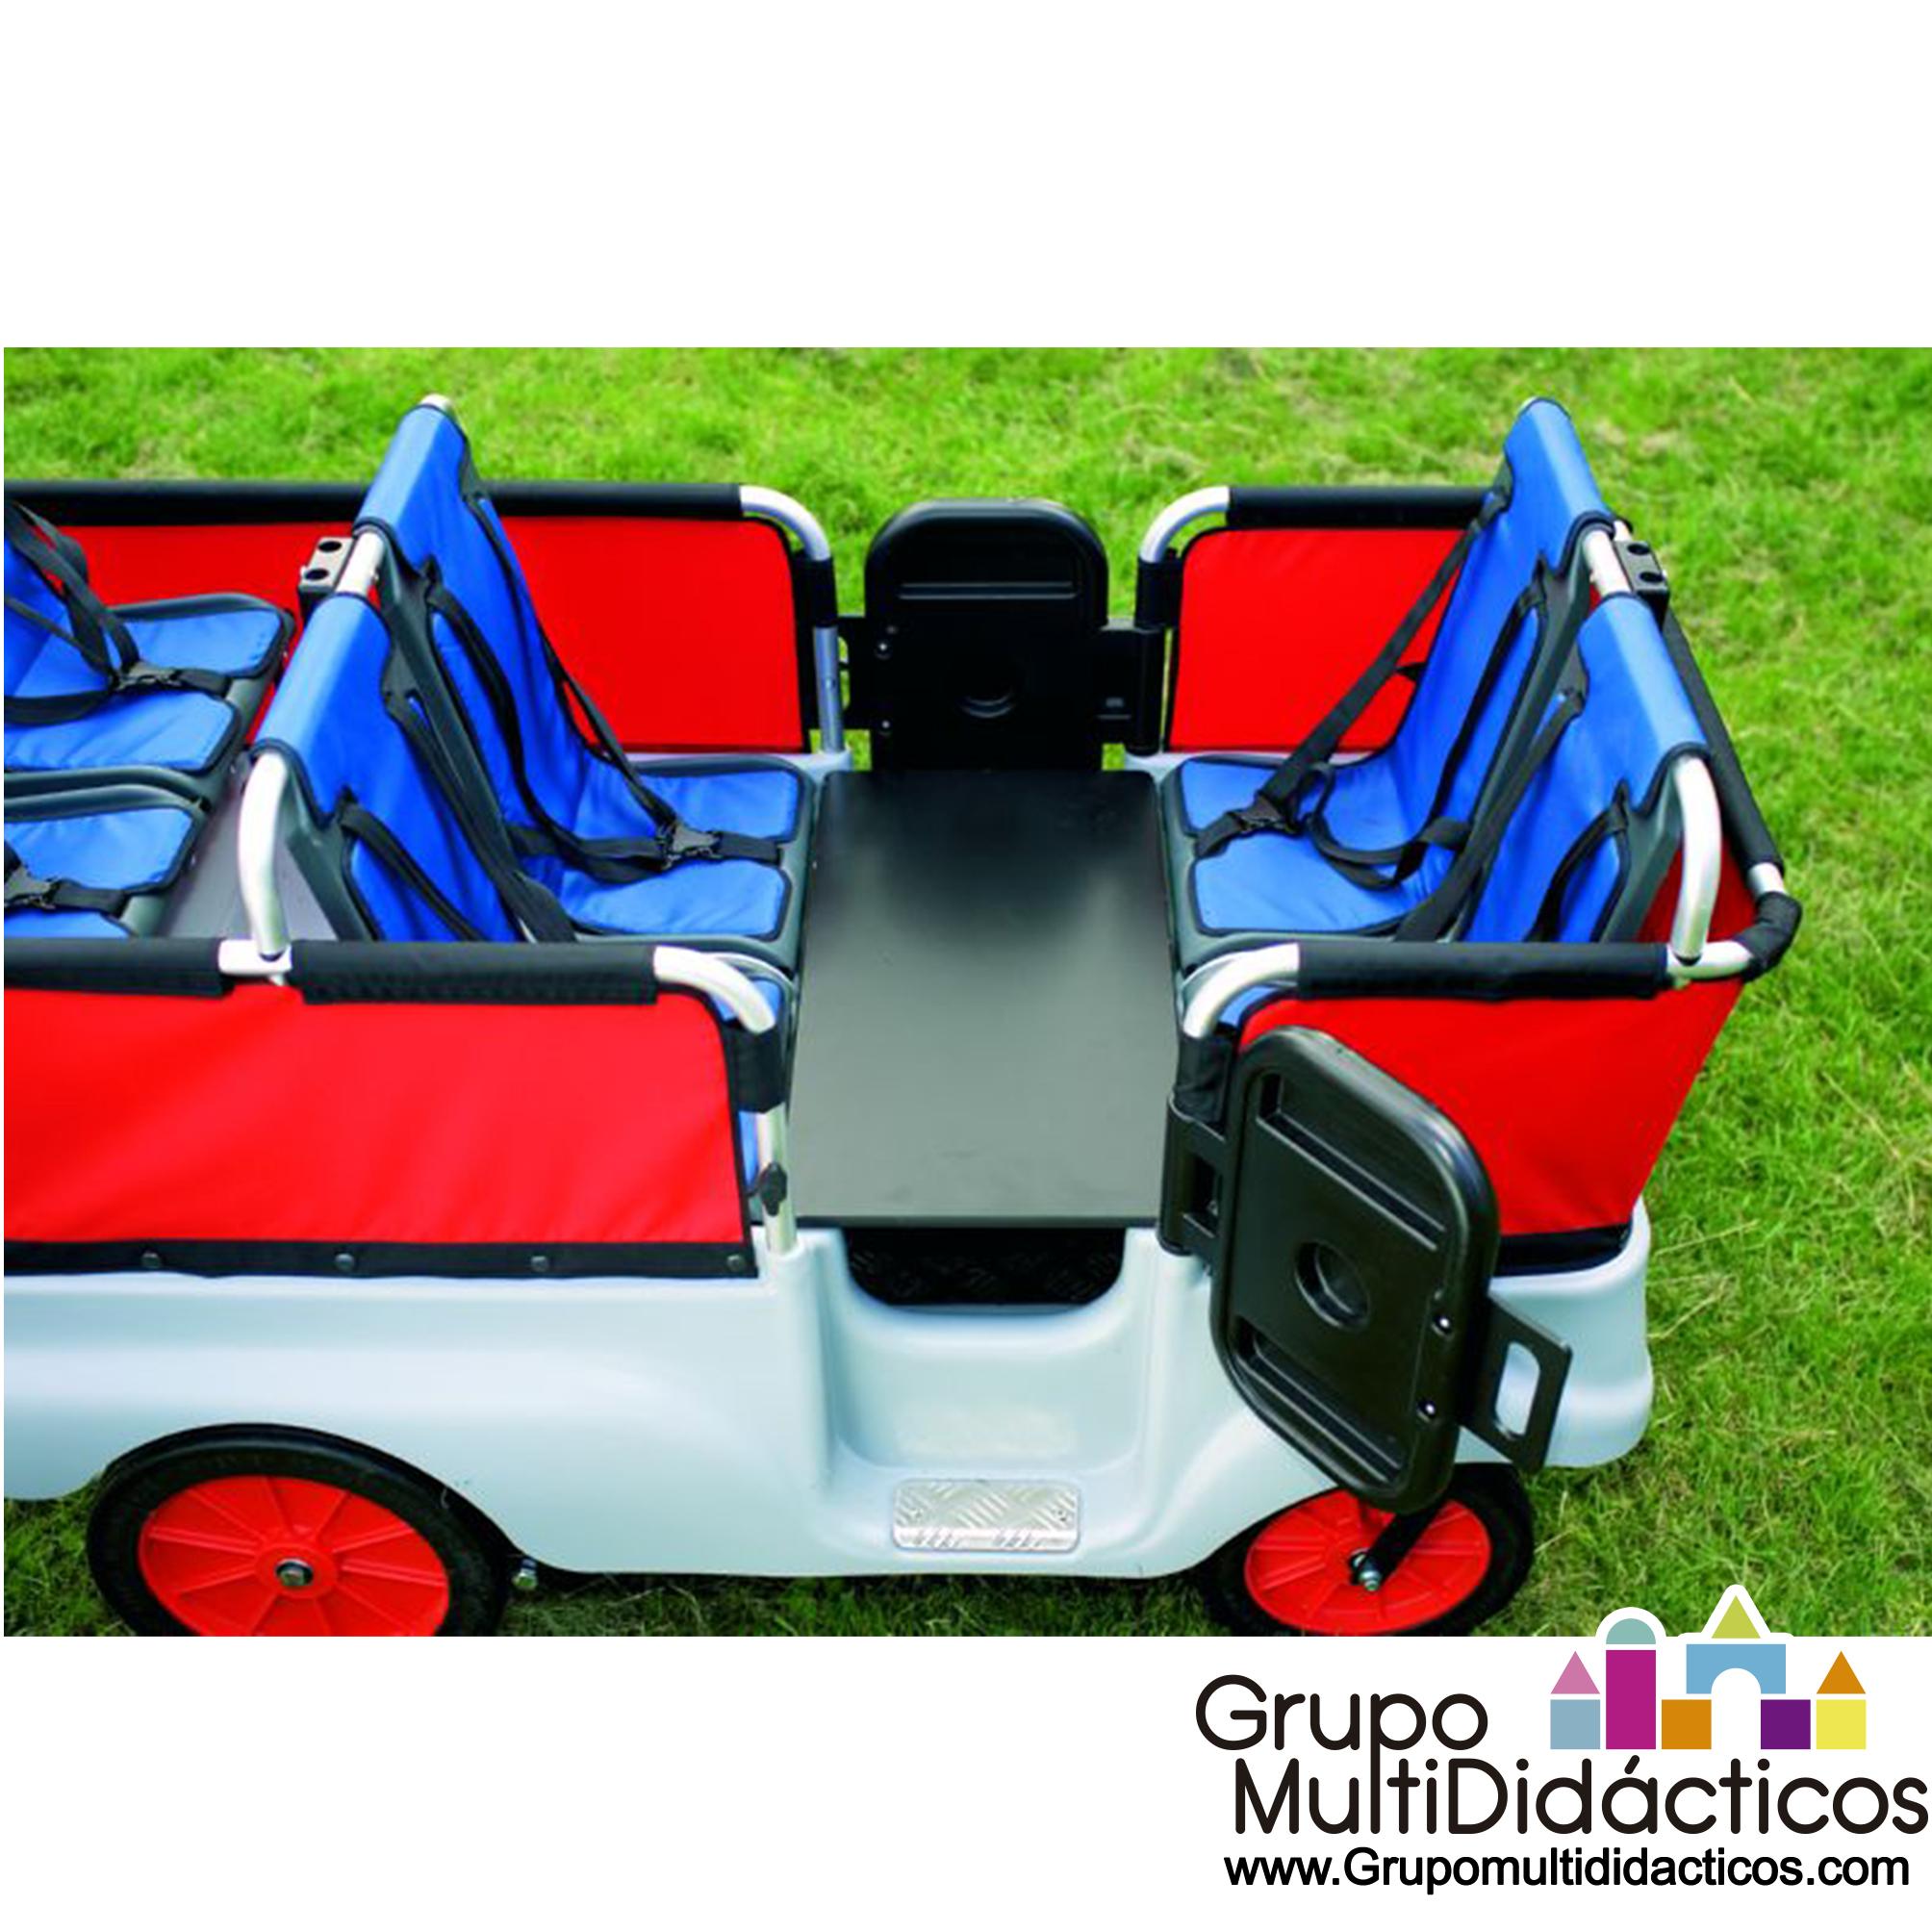 https://multididacticos.com/images/productos/peq/carro%20guarderia%207c.jpg